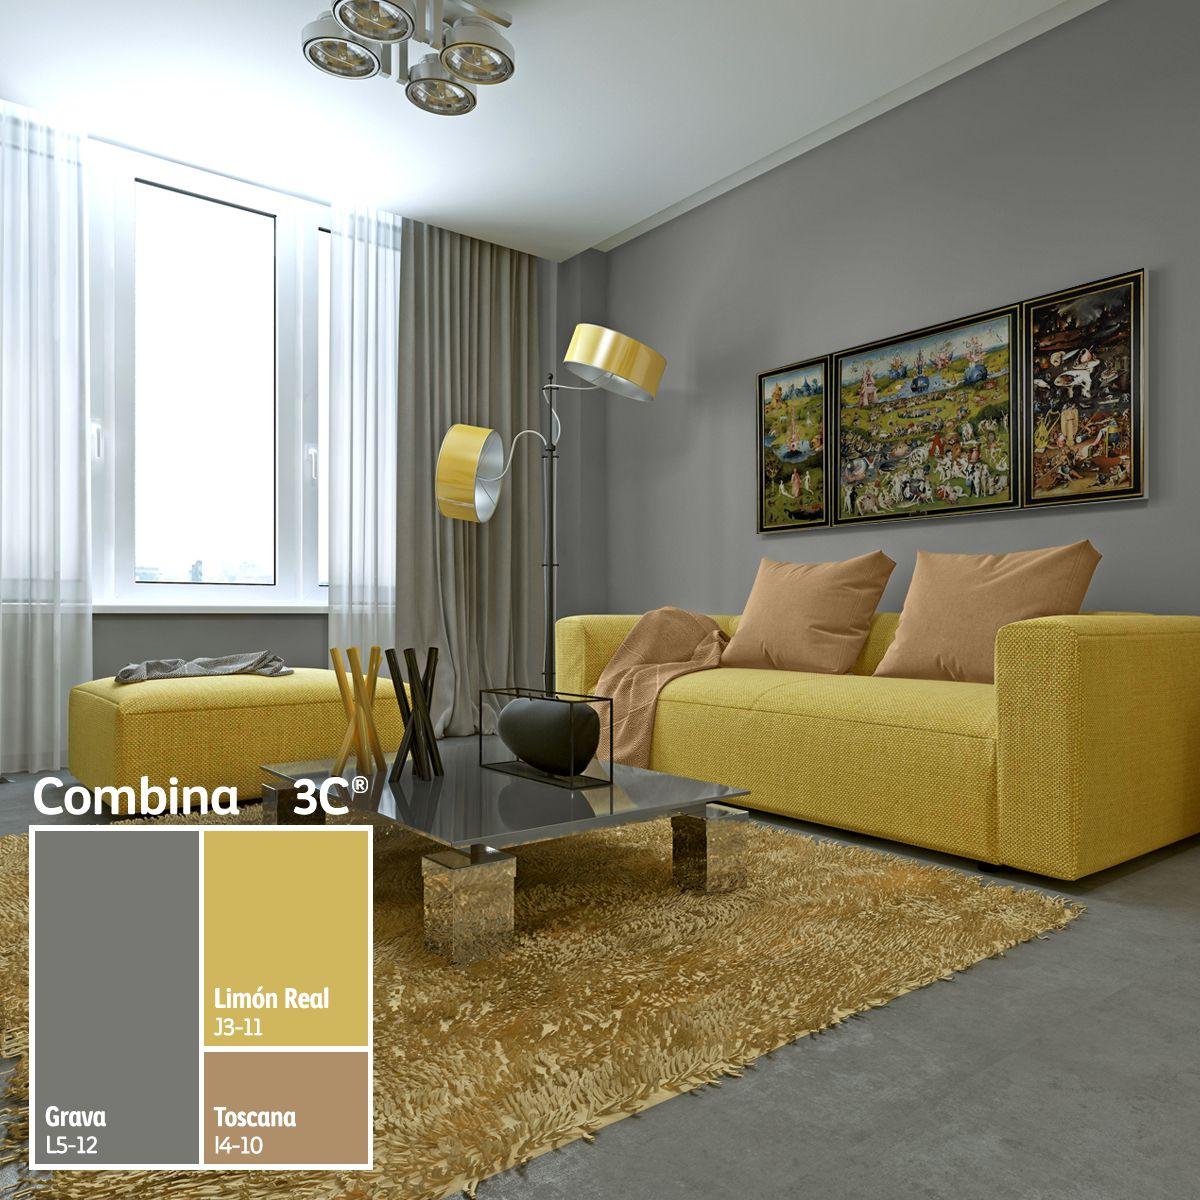 Combinacion de colores para interiores casas modernas for Combinacion de colores para interiores de casas modernas